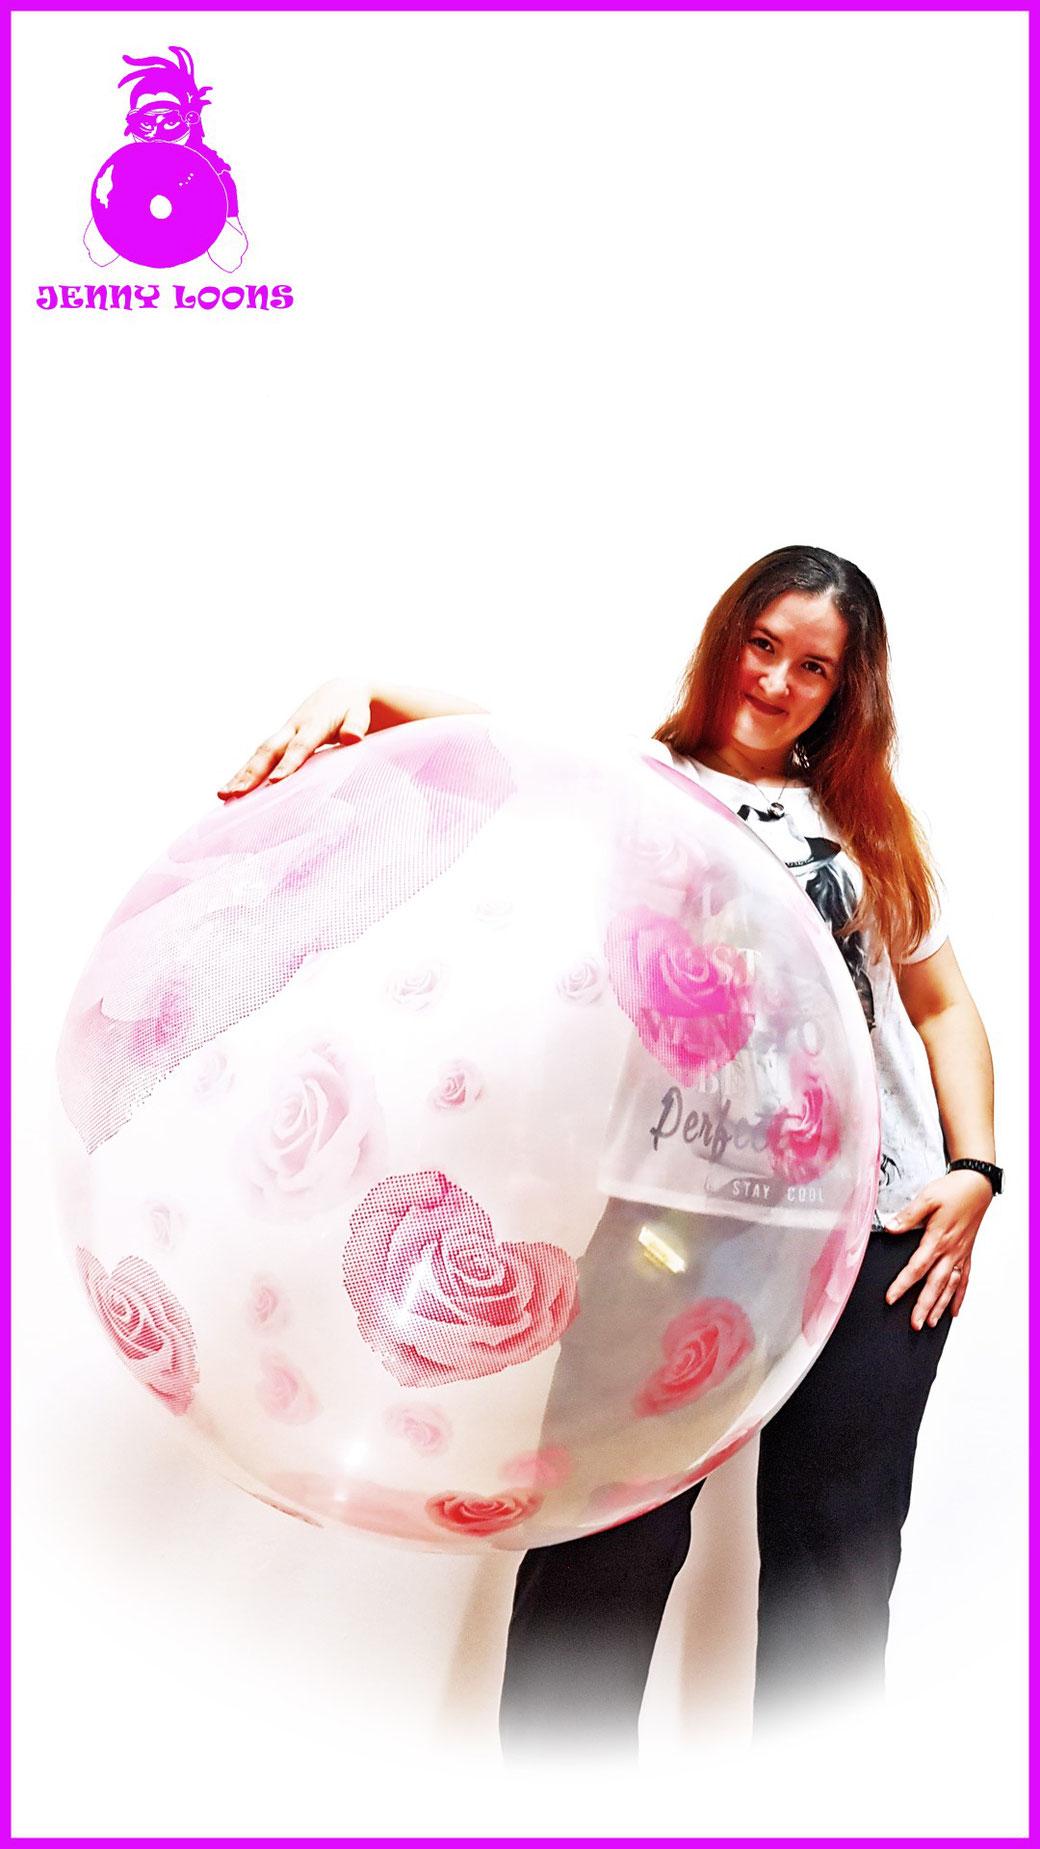 JENNY LOONS CATTEX 32inch 81cm Riesenballon Giant Balloon Herzen Rosen Herzrosen Hearts Roses Heartroses